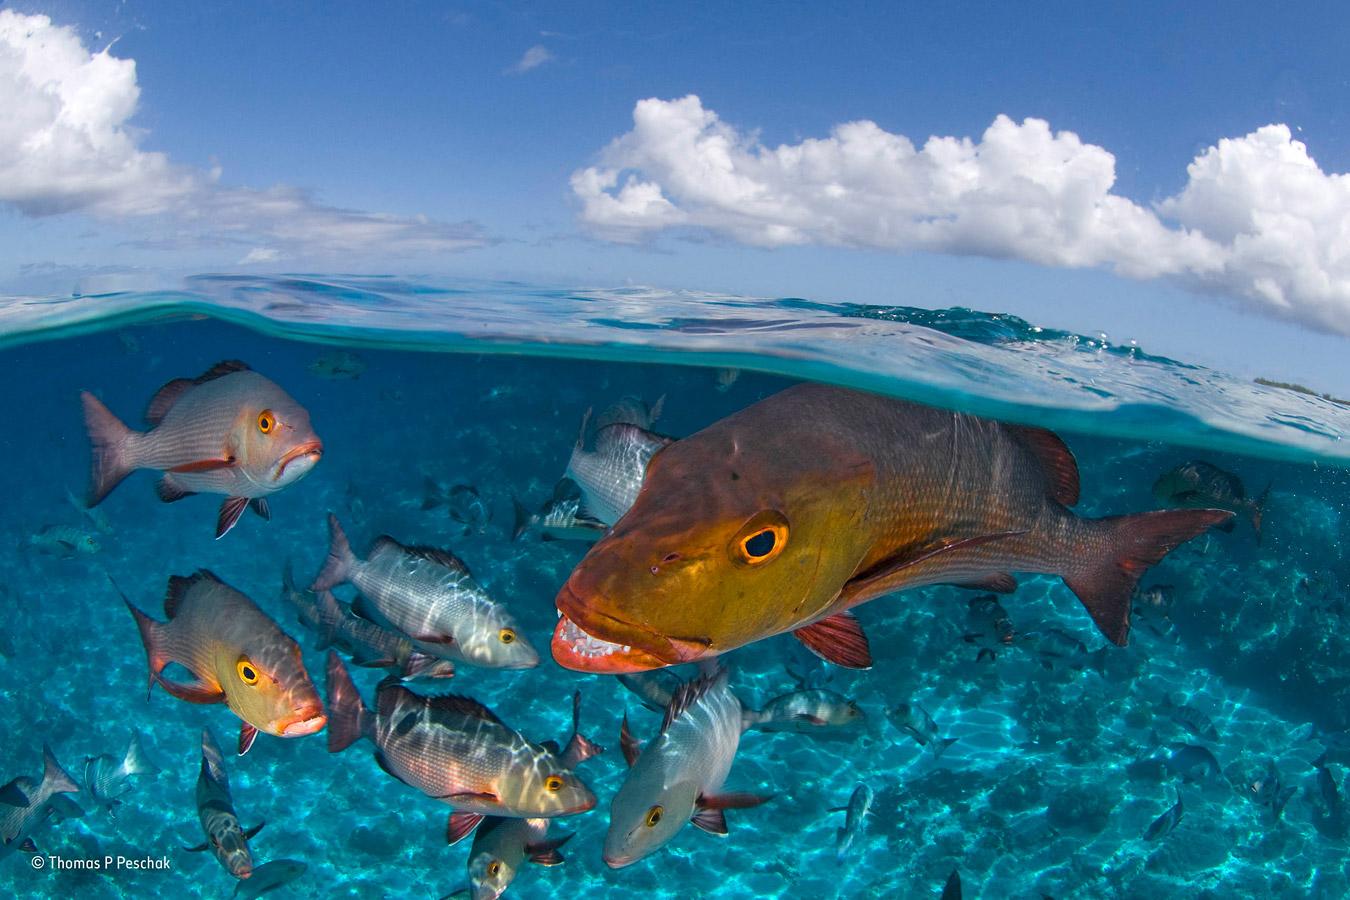 Сейшельские острова, © Томас П Песчак / Thomas P Peschak, Германия / Южная Африка, Награда «Портфолио фотографа дикой природы», Фотоконкурс «Фотограф года живой природы» — Wildlife Photographer of the Year